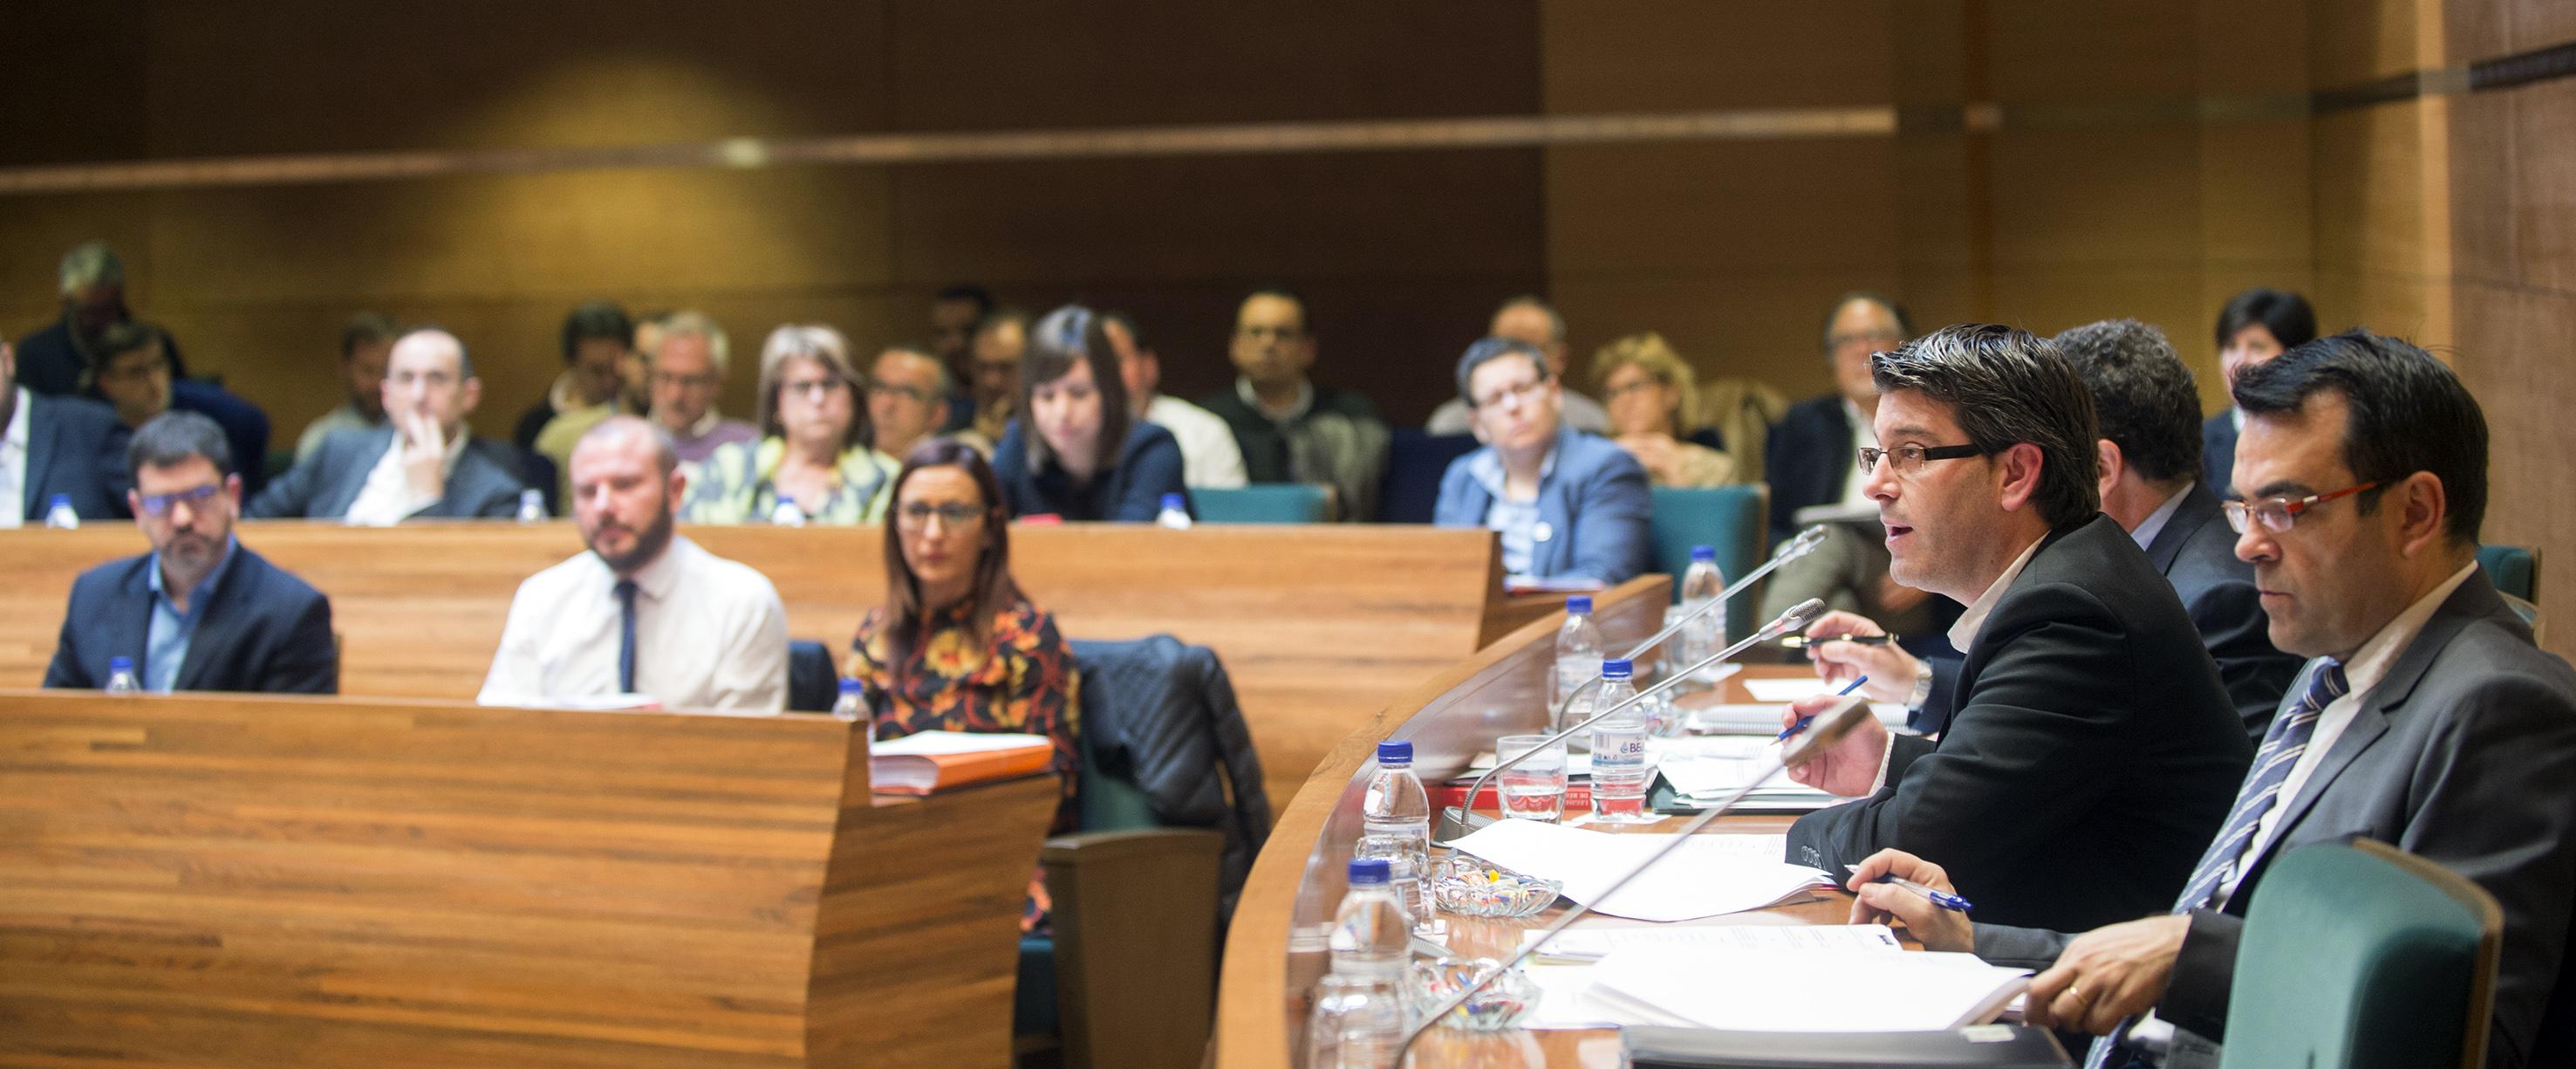 Último pleno de la Diputación Provincial de Valencia desarrollado esta misma semana.